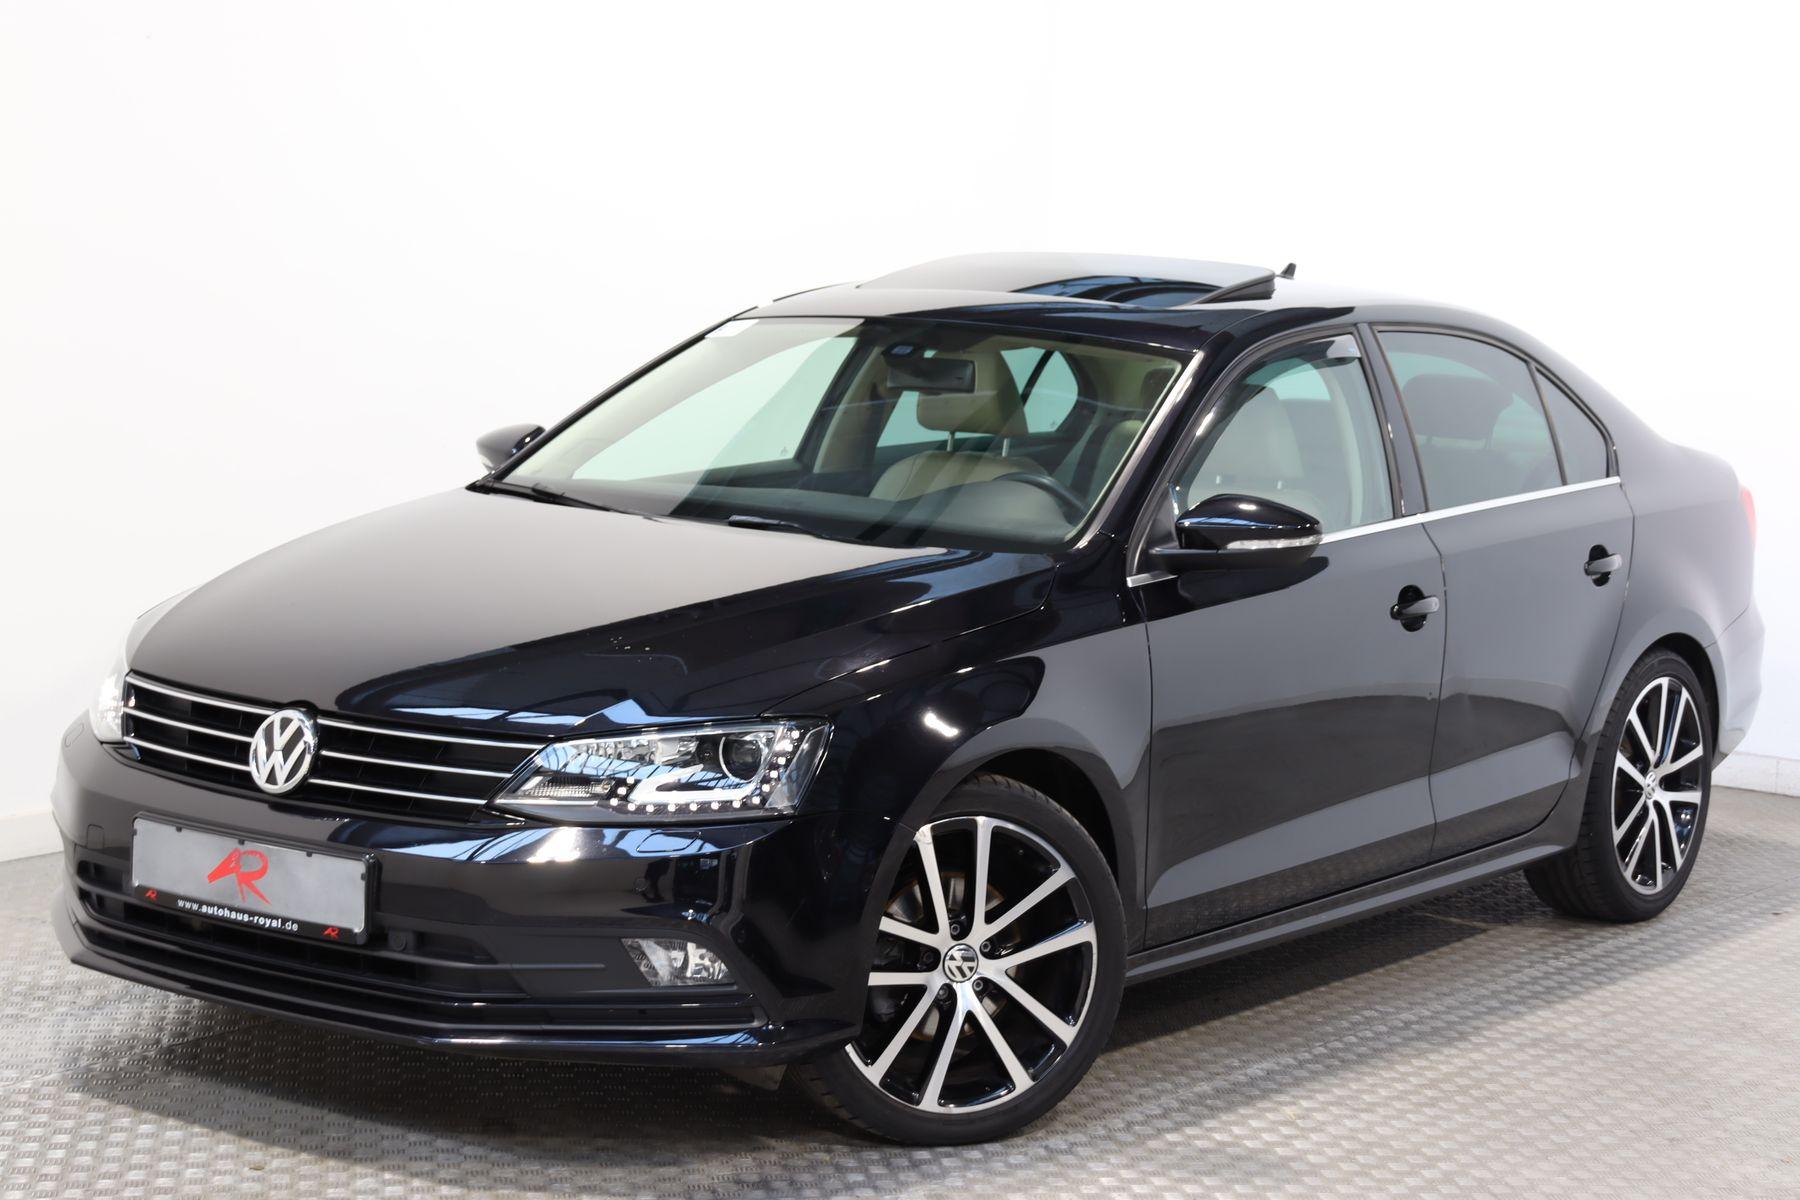 Volkswagen Jetta 2.0 TDI DSG SCHECKHEFT,KEYLESSGO,VOLLLEDER, Jahr 2015, Diesel